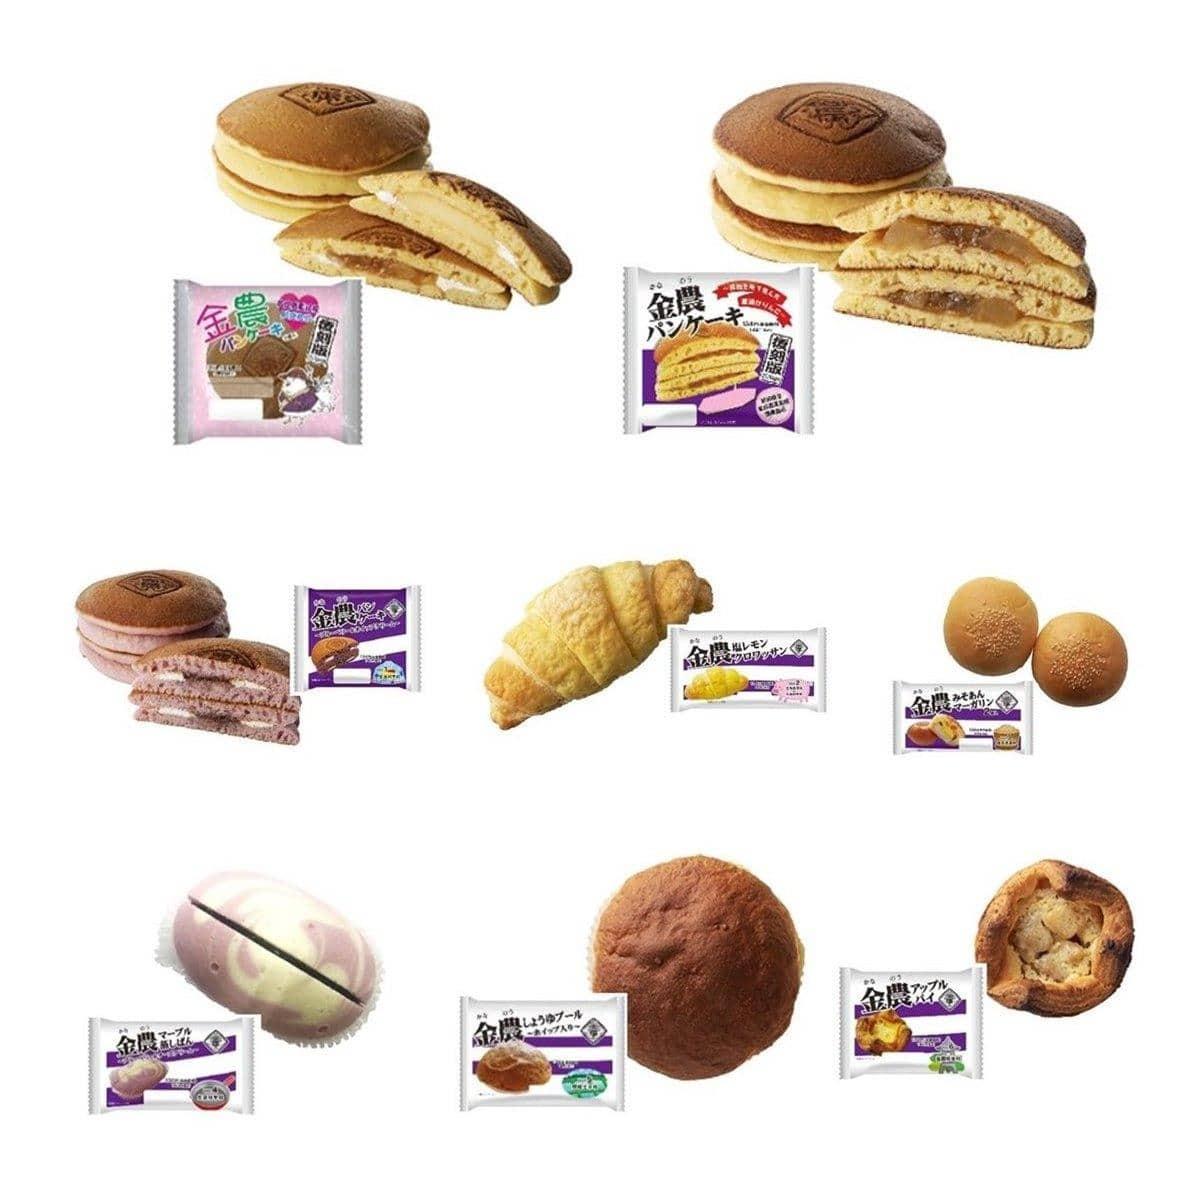 ローソンが秋田県内でシリーズ展開する菓子パン「金農(かなのう)」商品